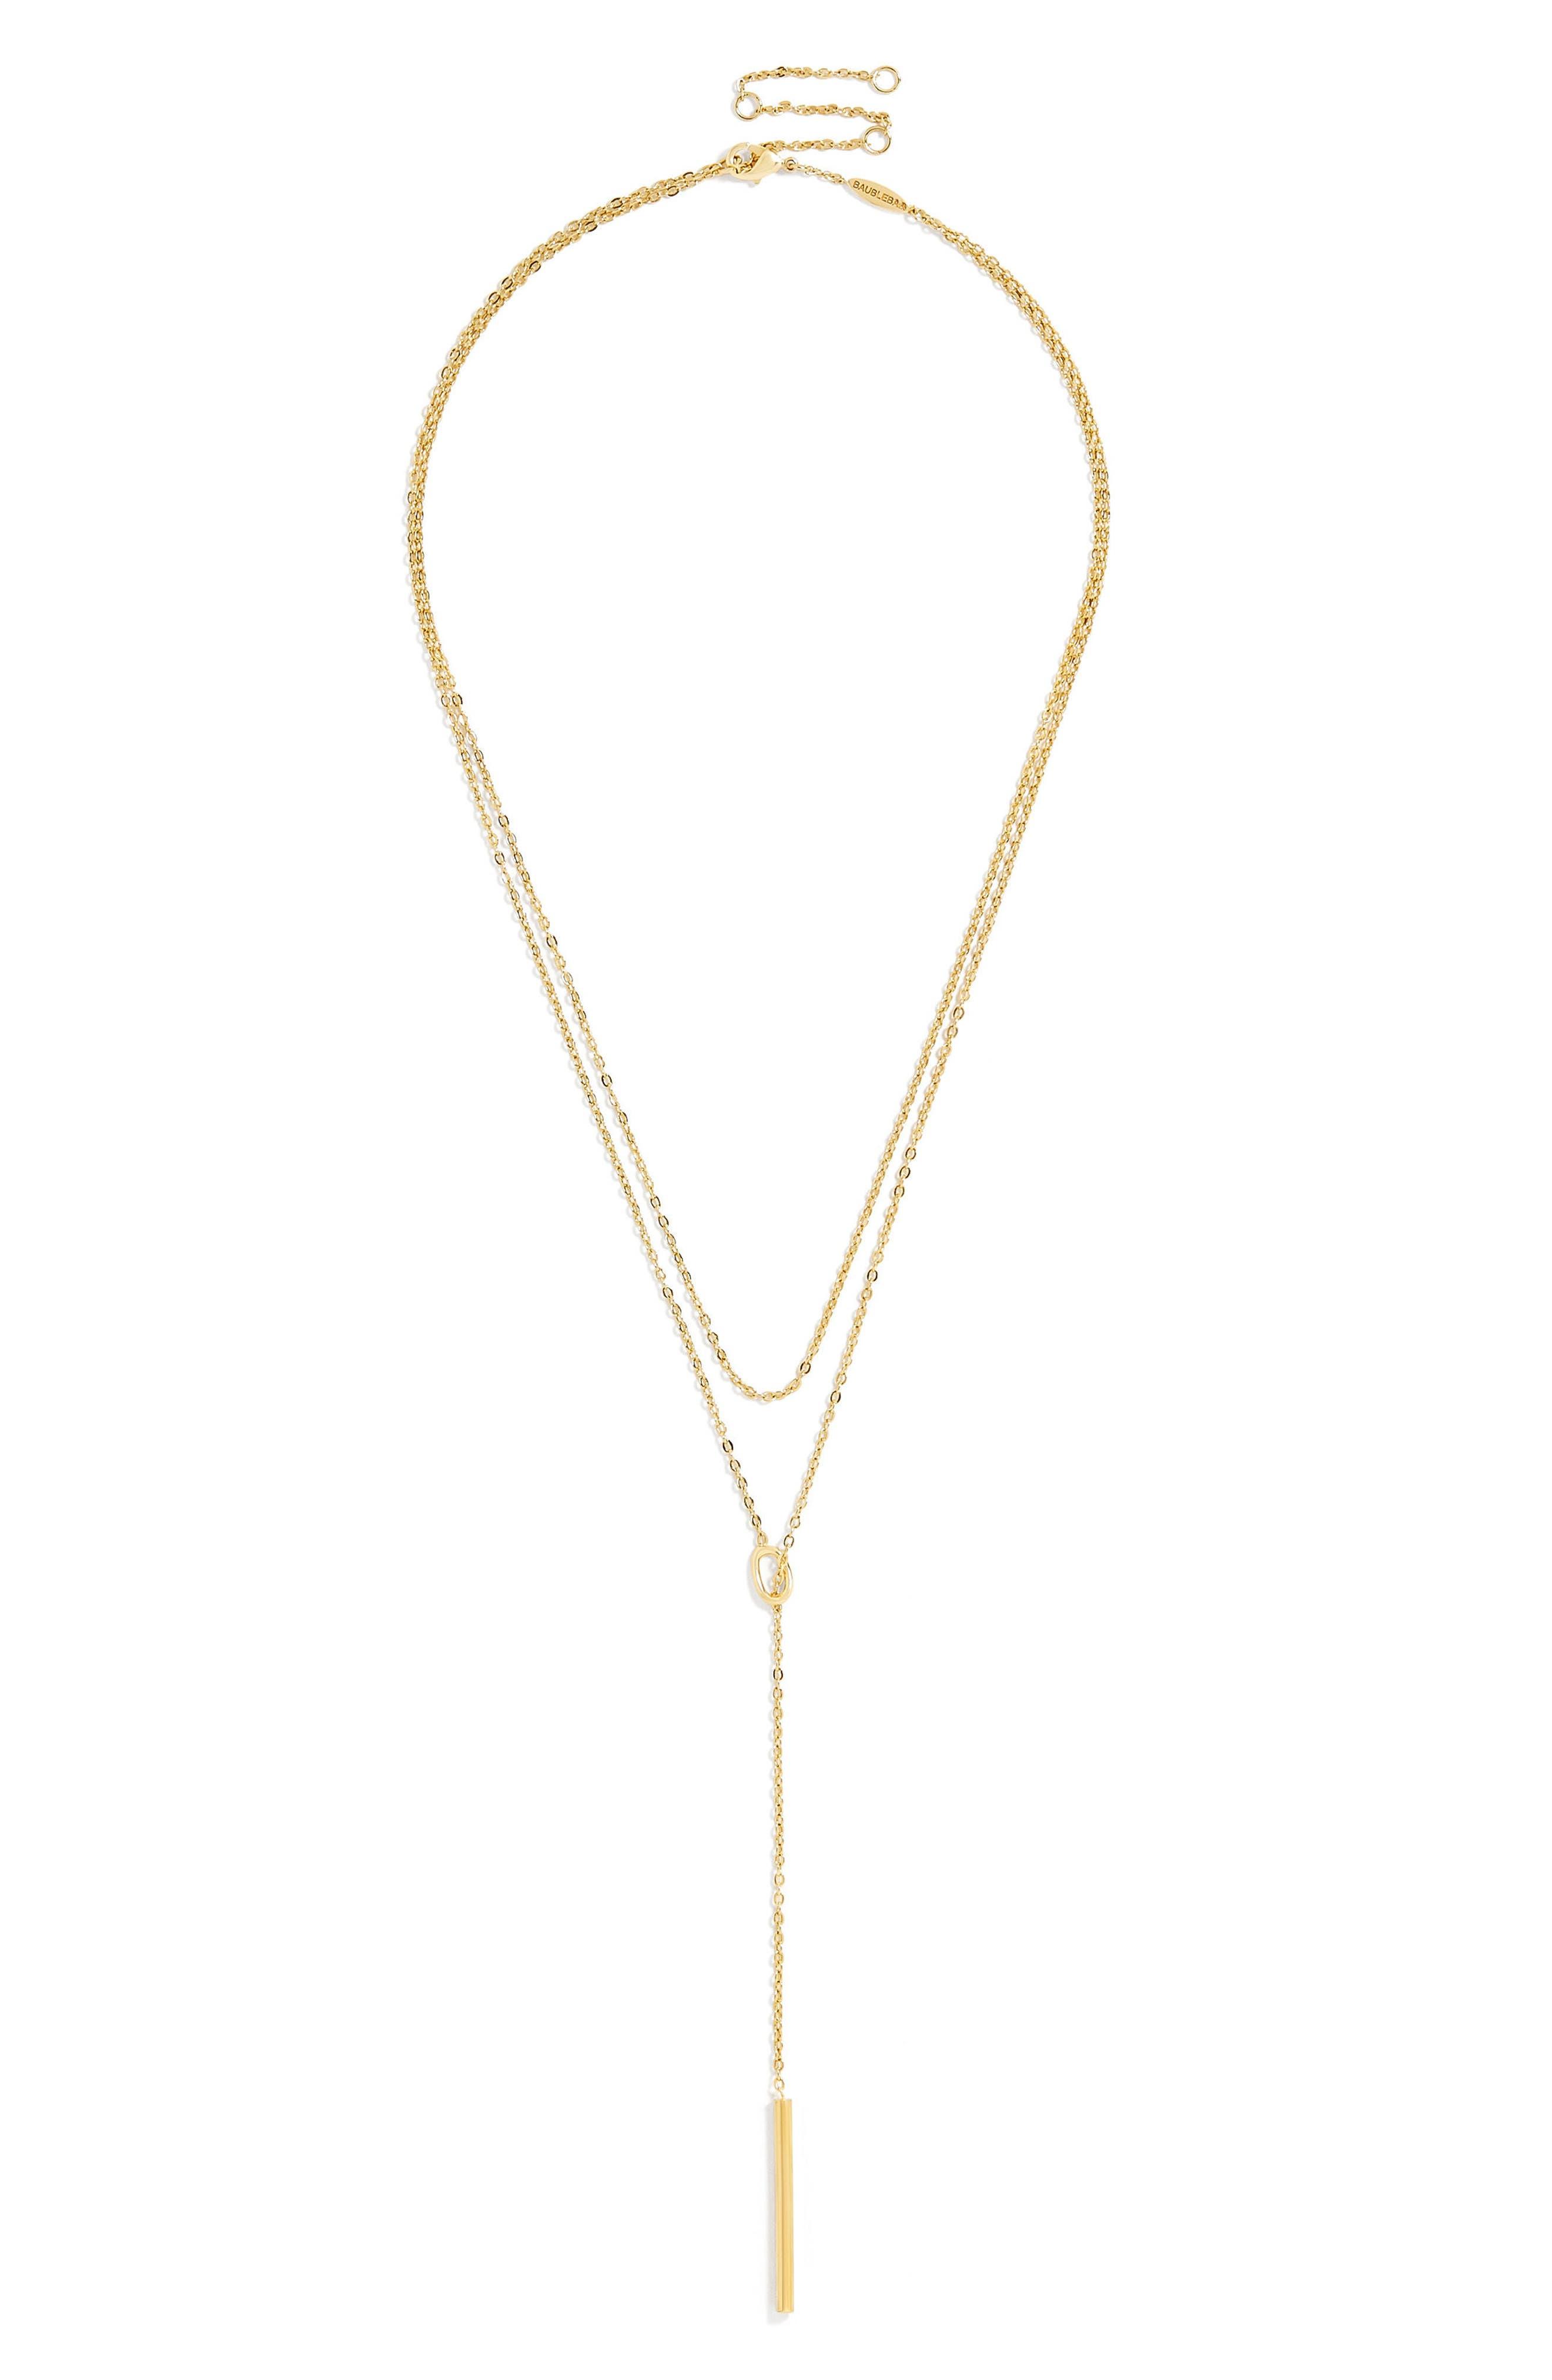 Isabella Jewelry Seattle